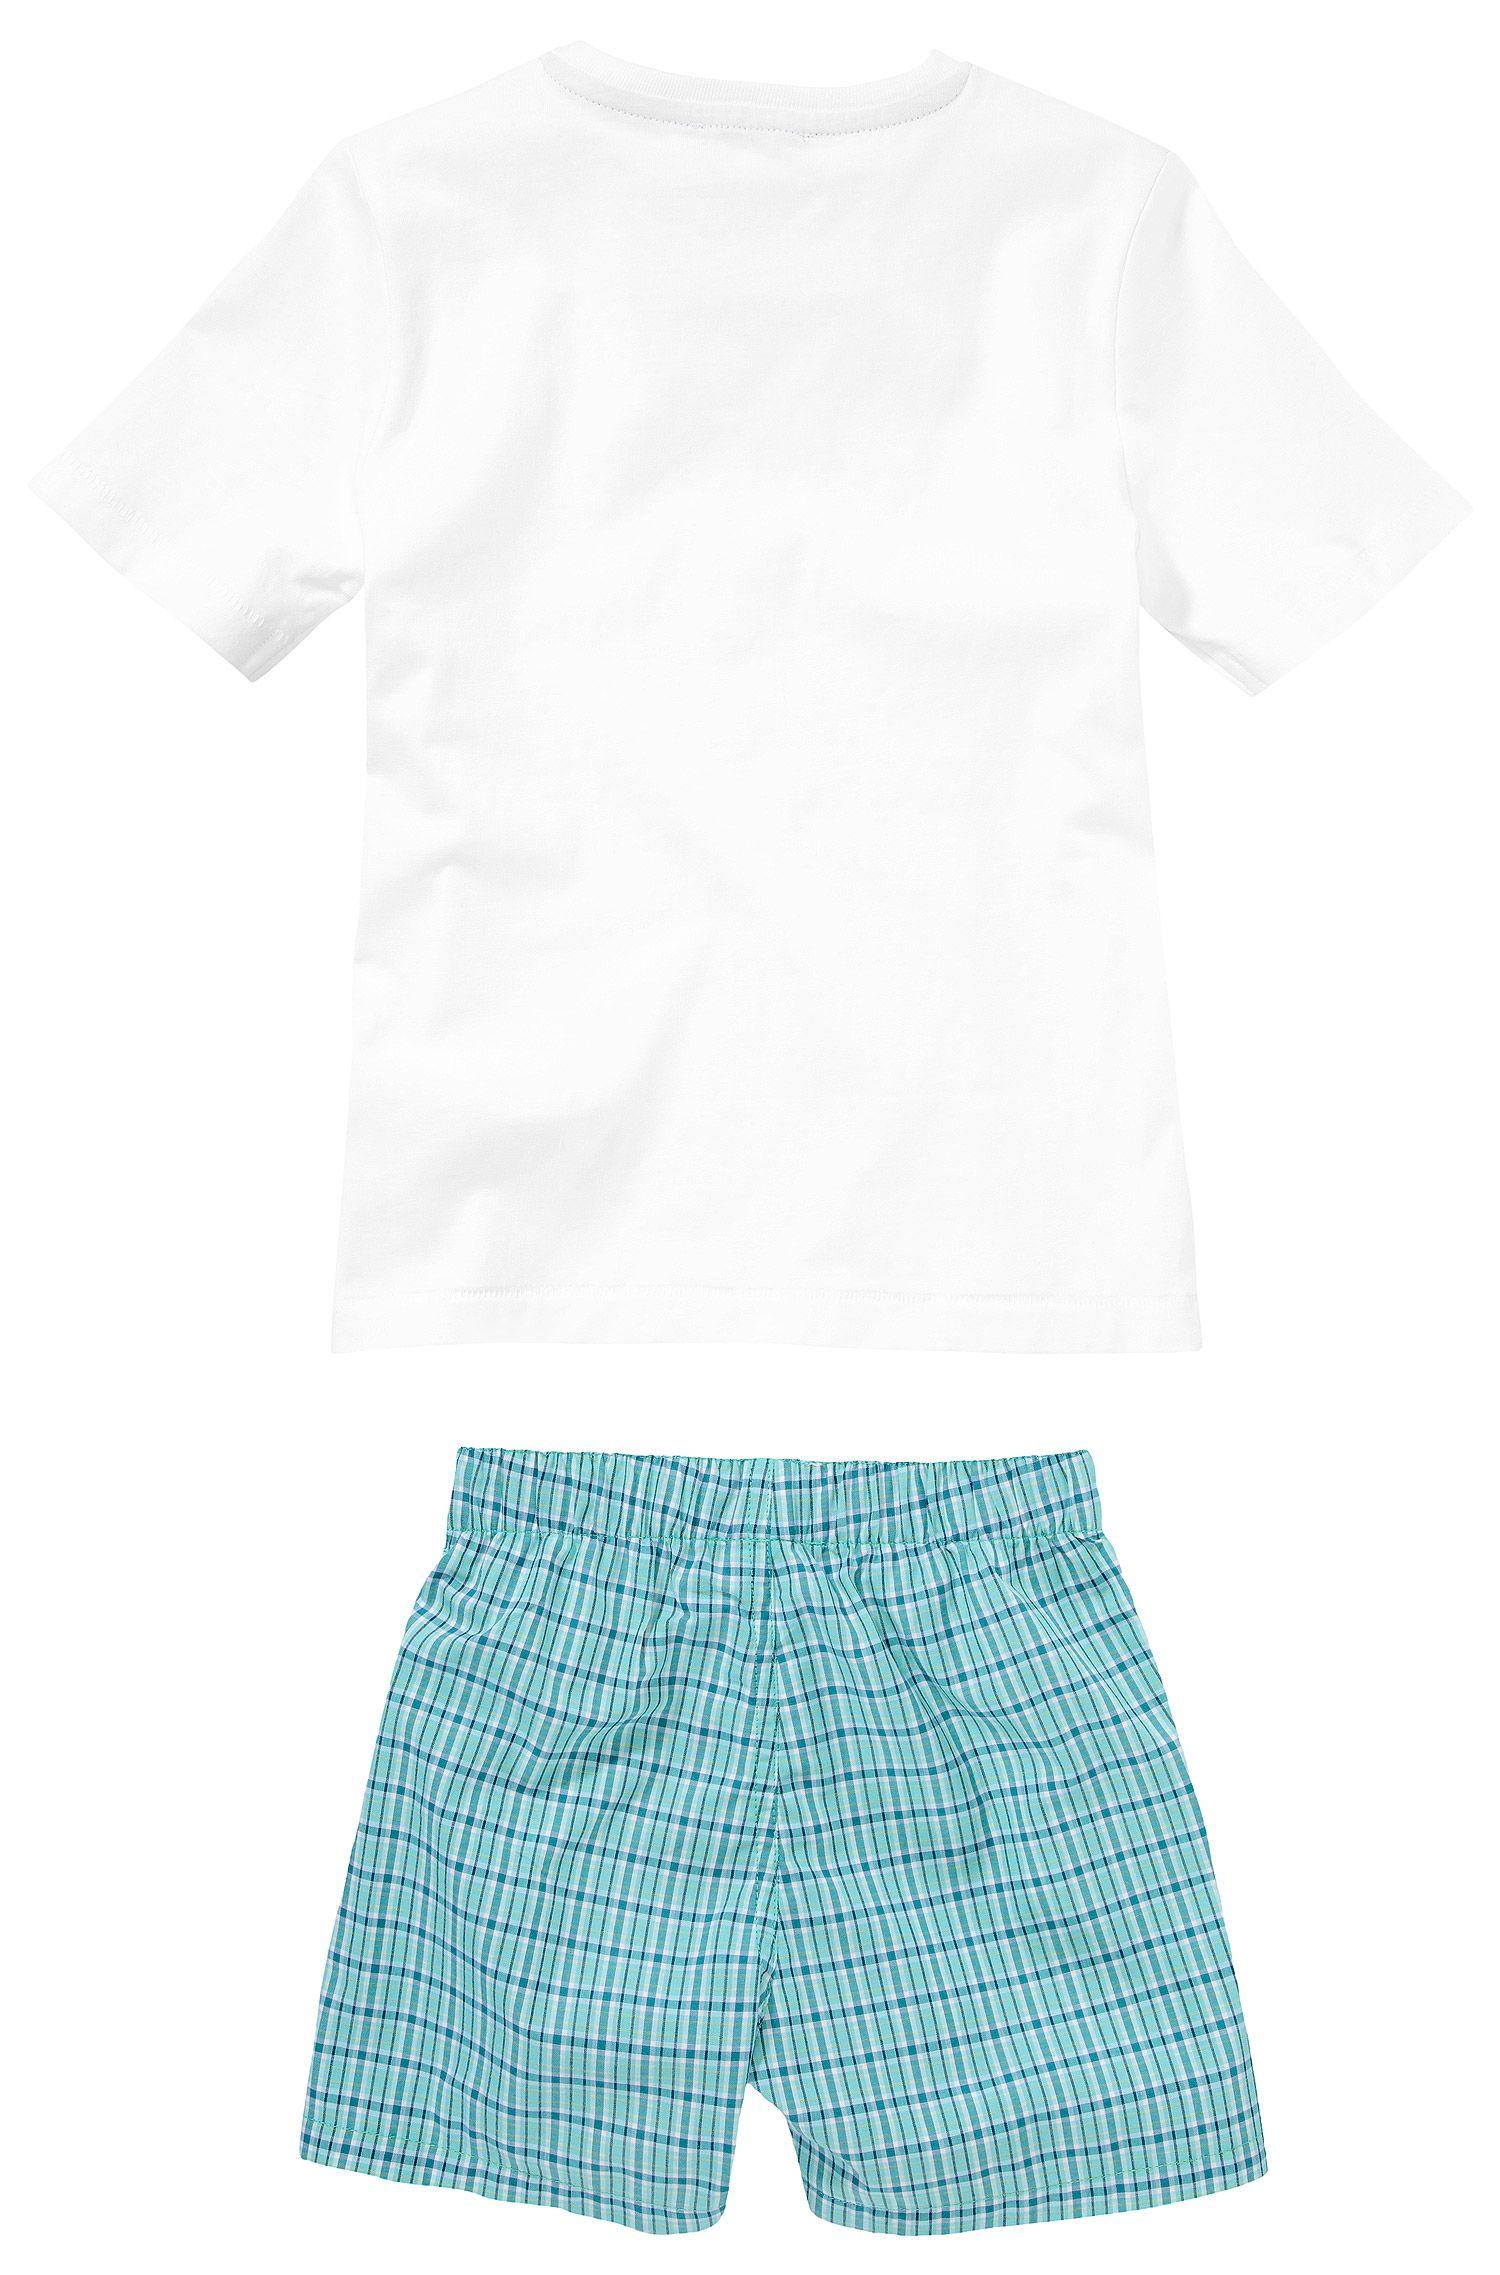 Pyjama pour enfant «J2K036» en coton